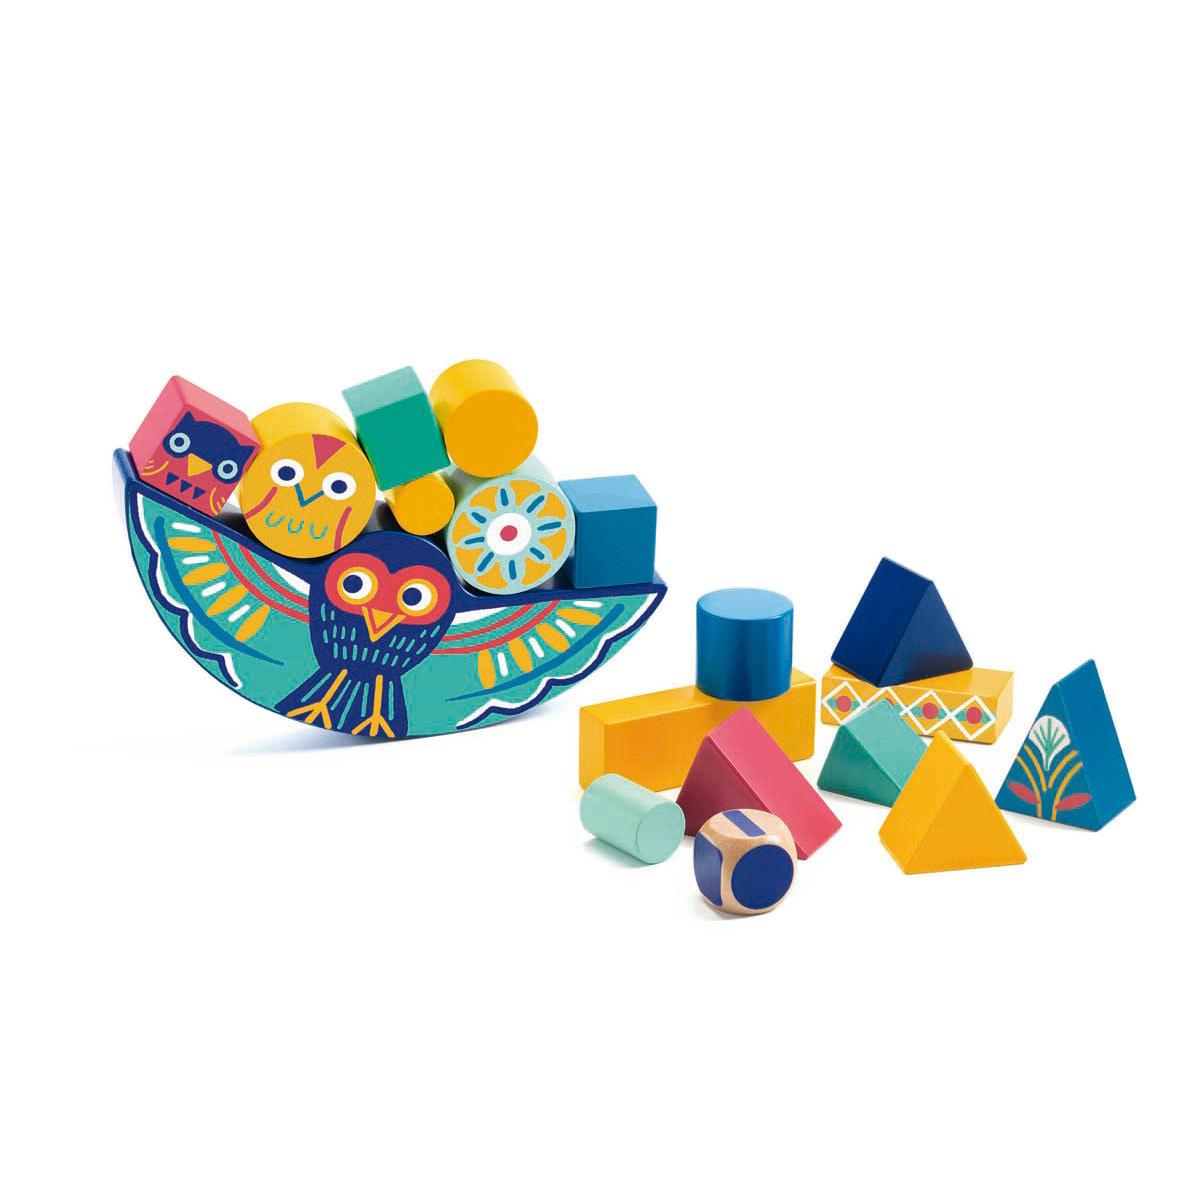 Mes premiers jouets Jeu de Construction - Ze Balanceo Jeu de Construction - Ze Balanceo